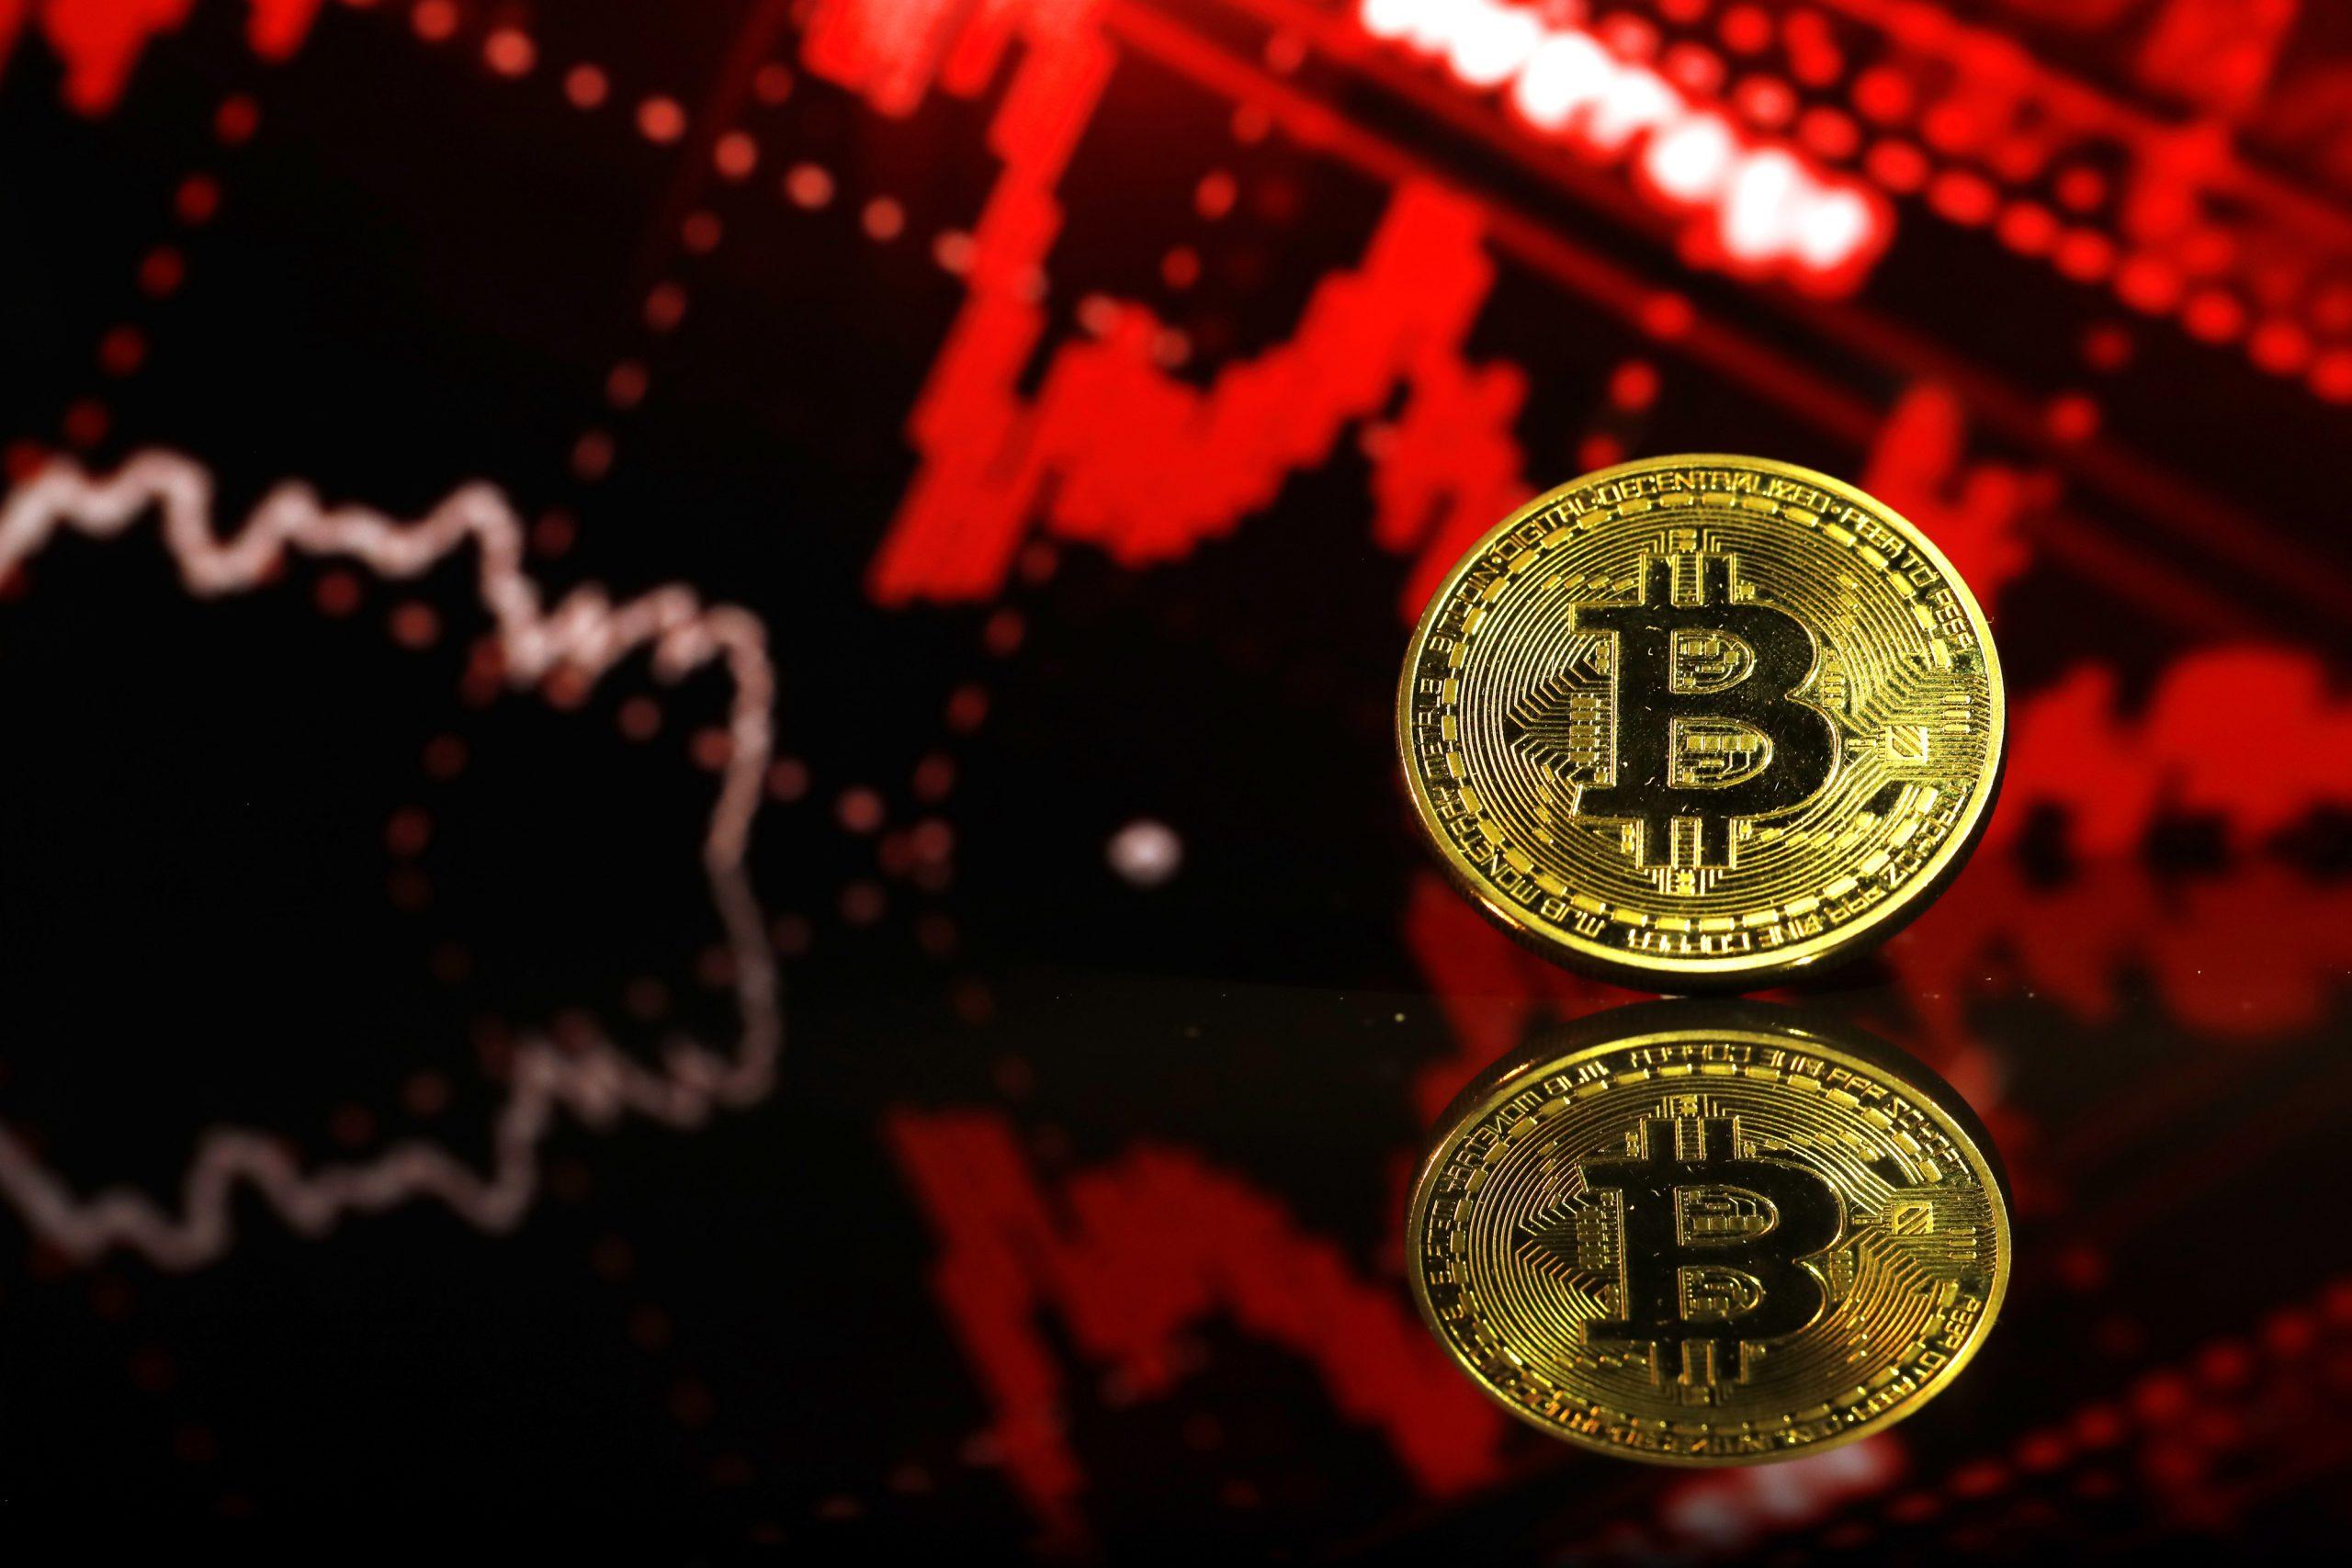 percento delle persone che commerciano criptovalute prospetto fiduciario investimenti bitcoin